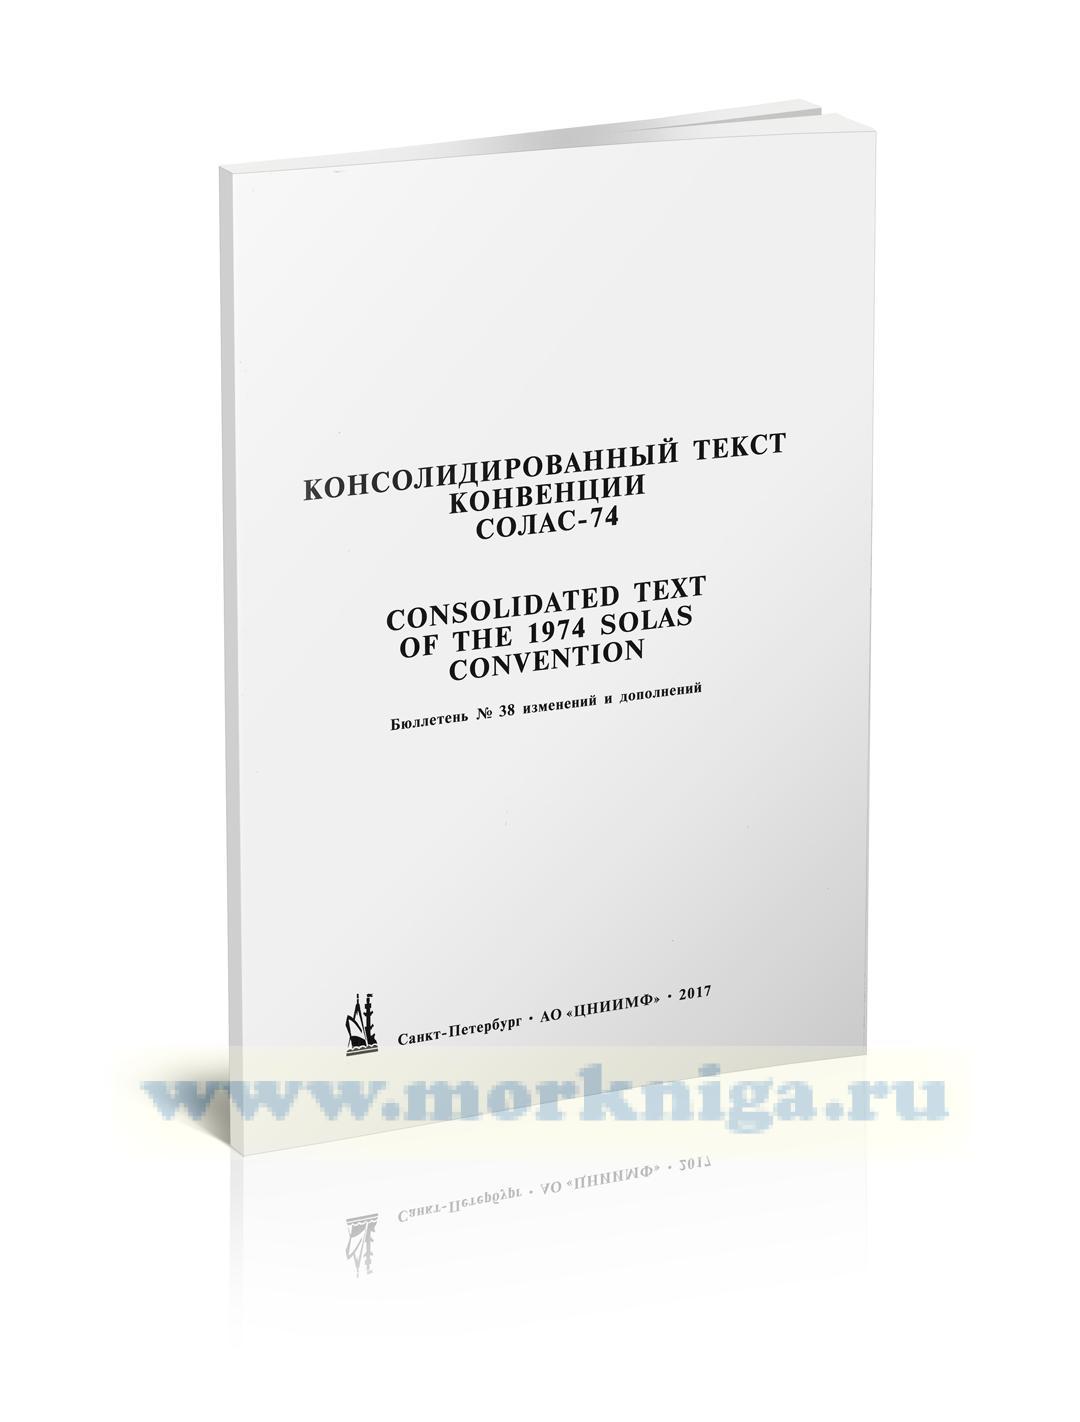 Бюллетень № 38 изменений и дополнений к Консолидированному тексту МК СОЛАС - 74